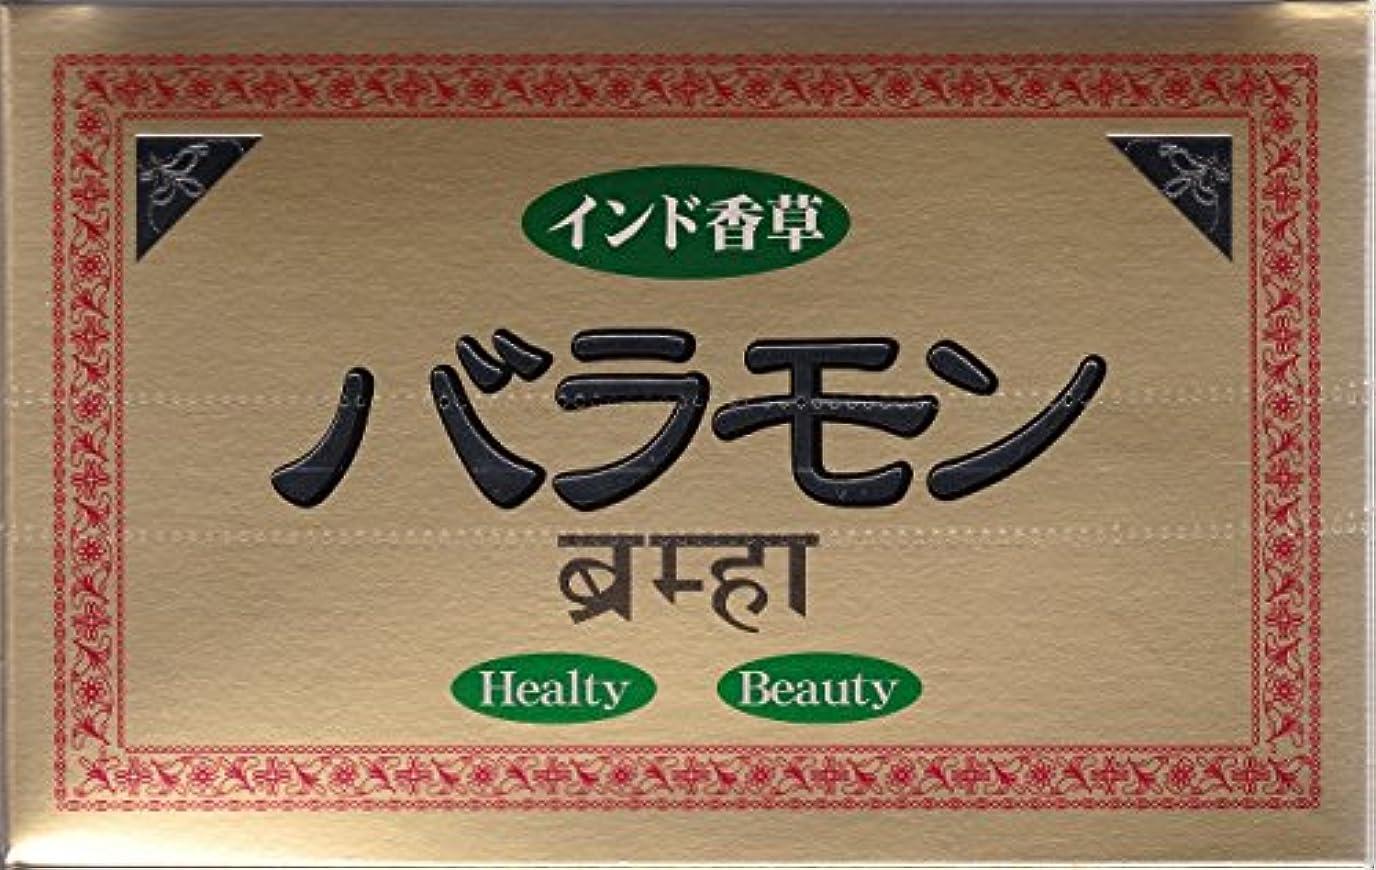 リングハドル不良医食研究所 バラモン 1袋(3粒)×60袋 (180粒)